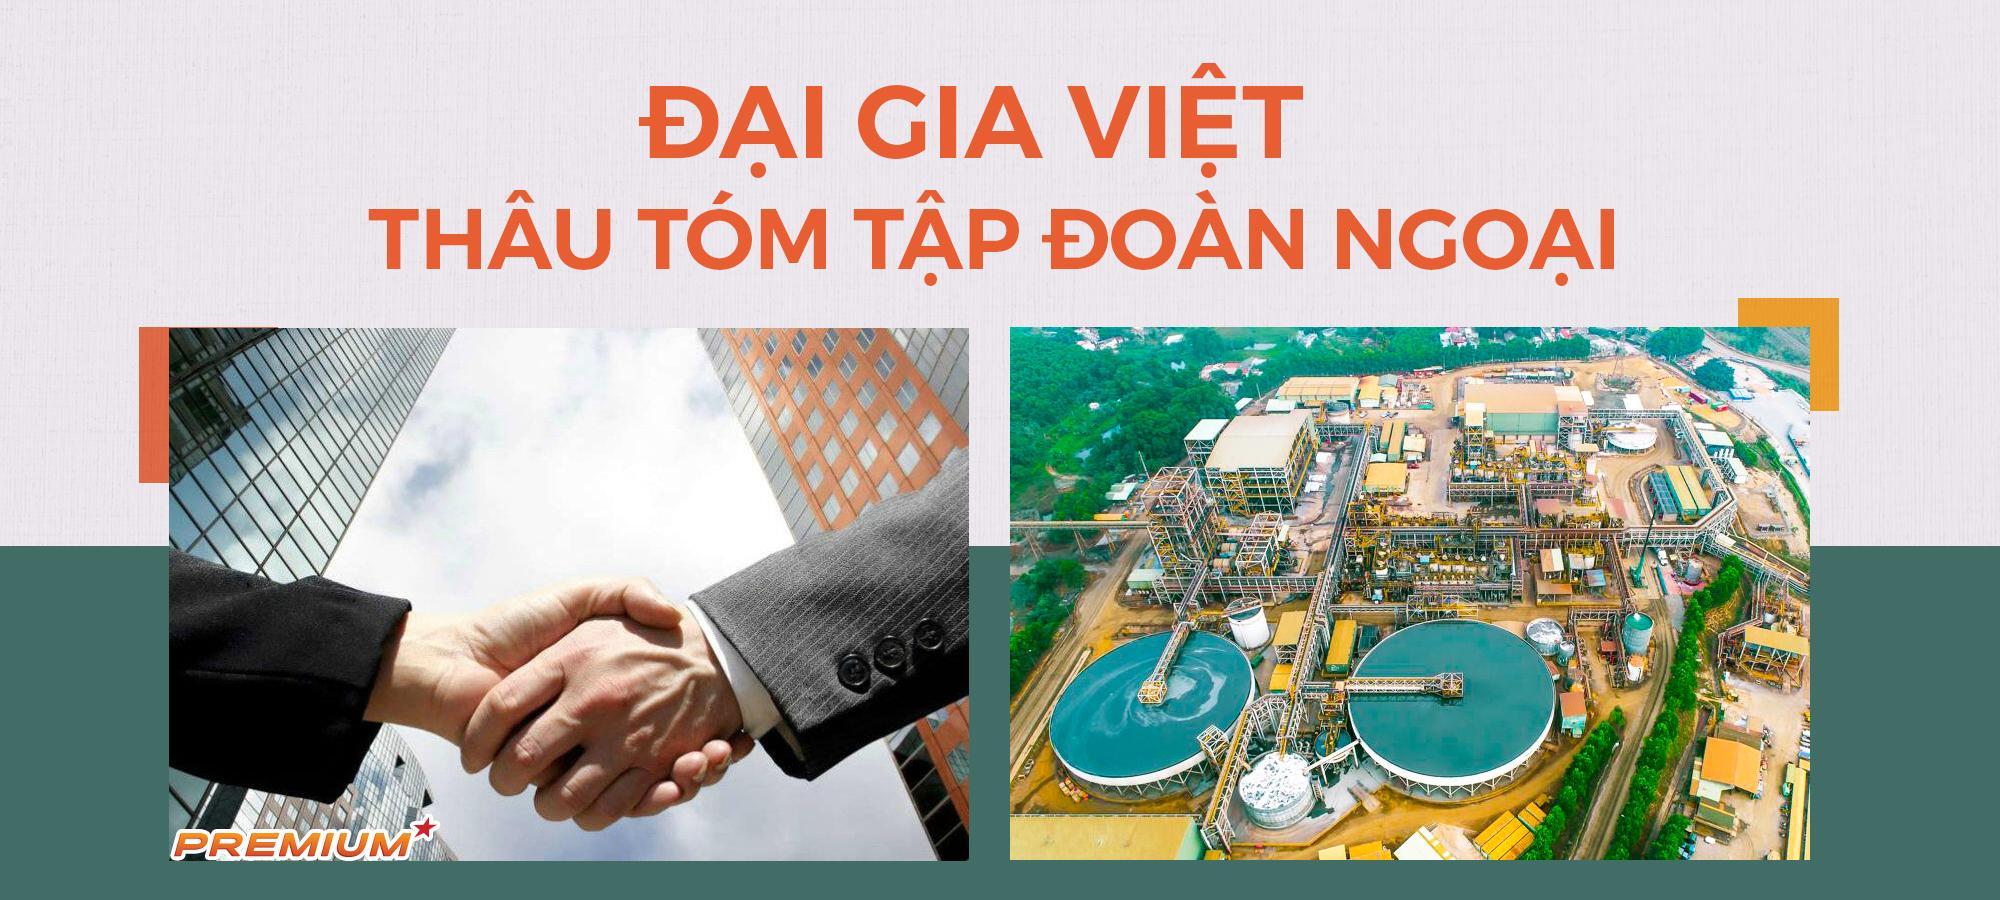 Đại gia Việt thâu tóm tập đoàn ngoại